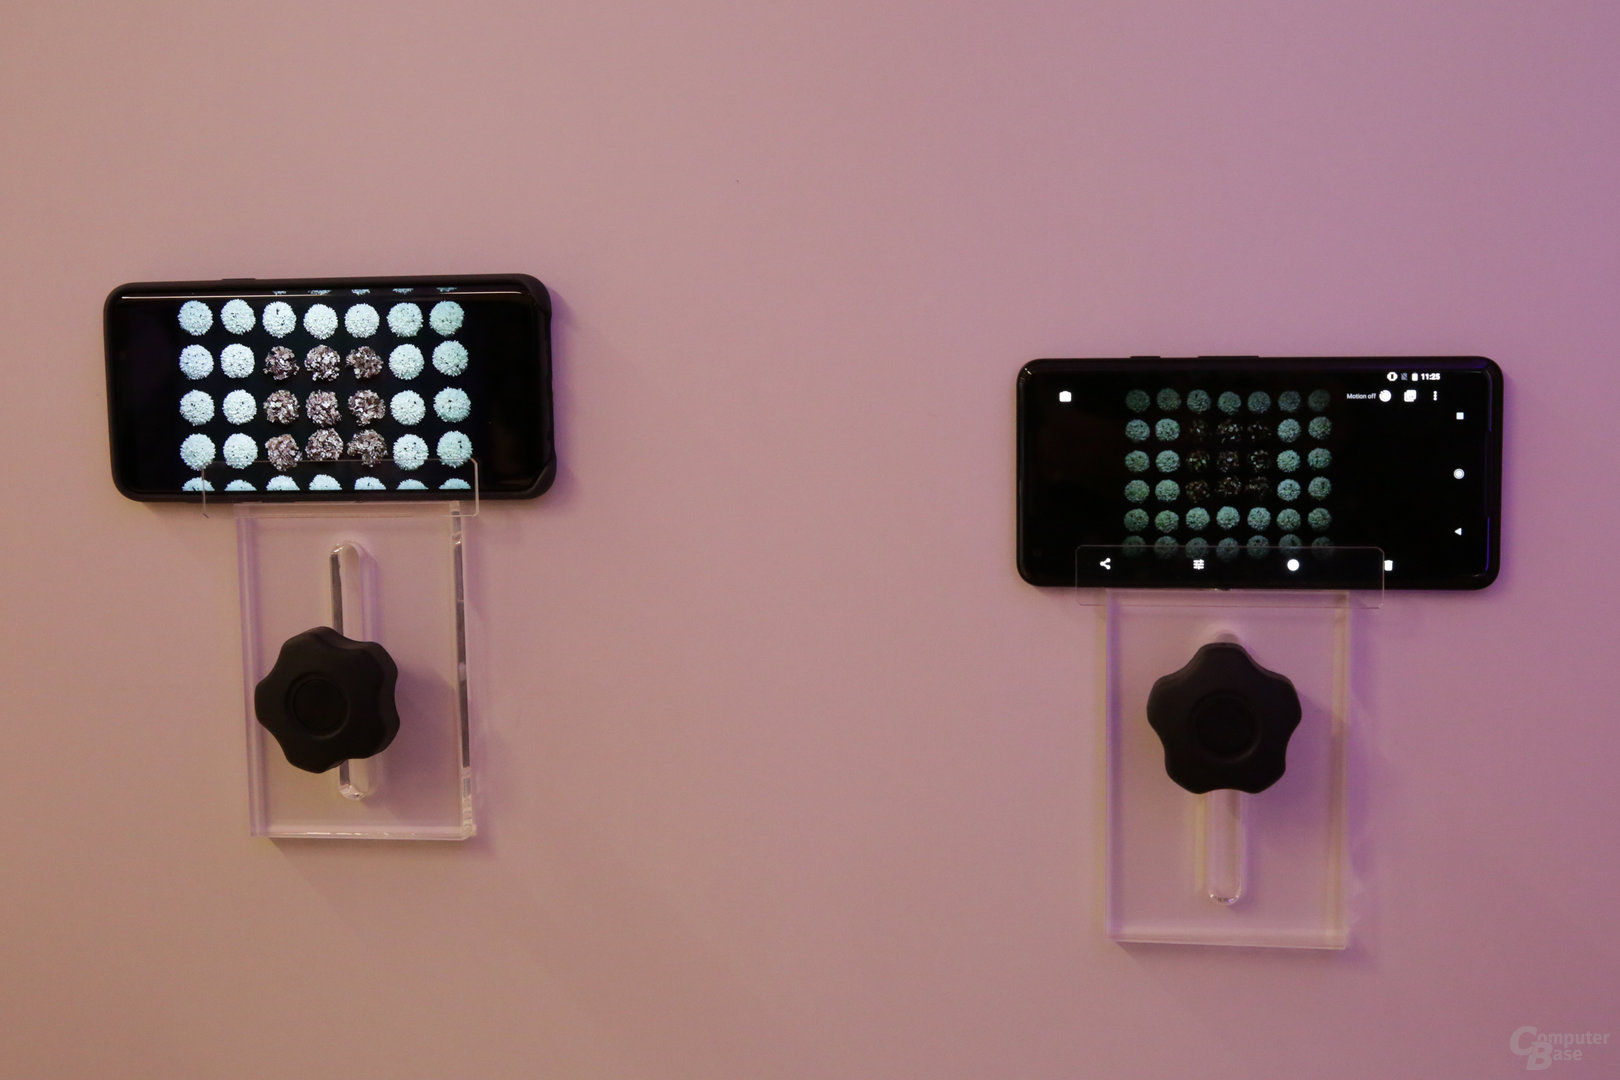 Aufnahmequalität bei schlechtem Licht (Galaxy S9 links)